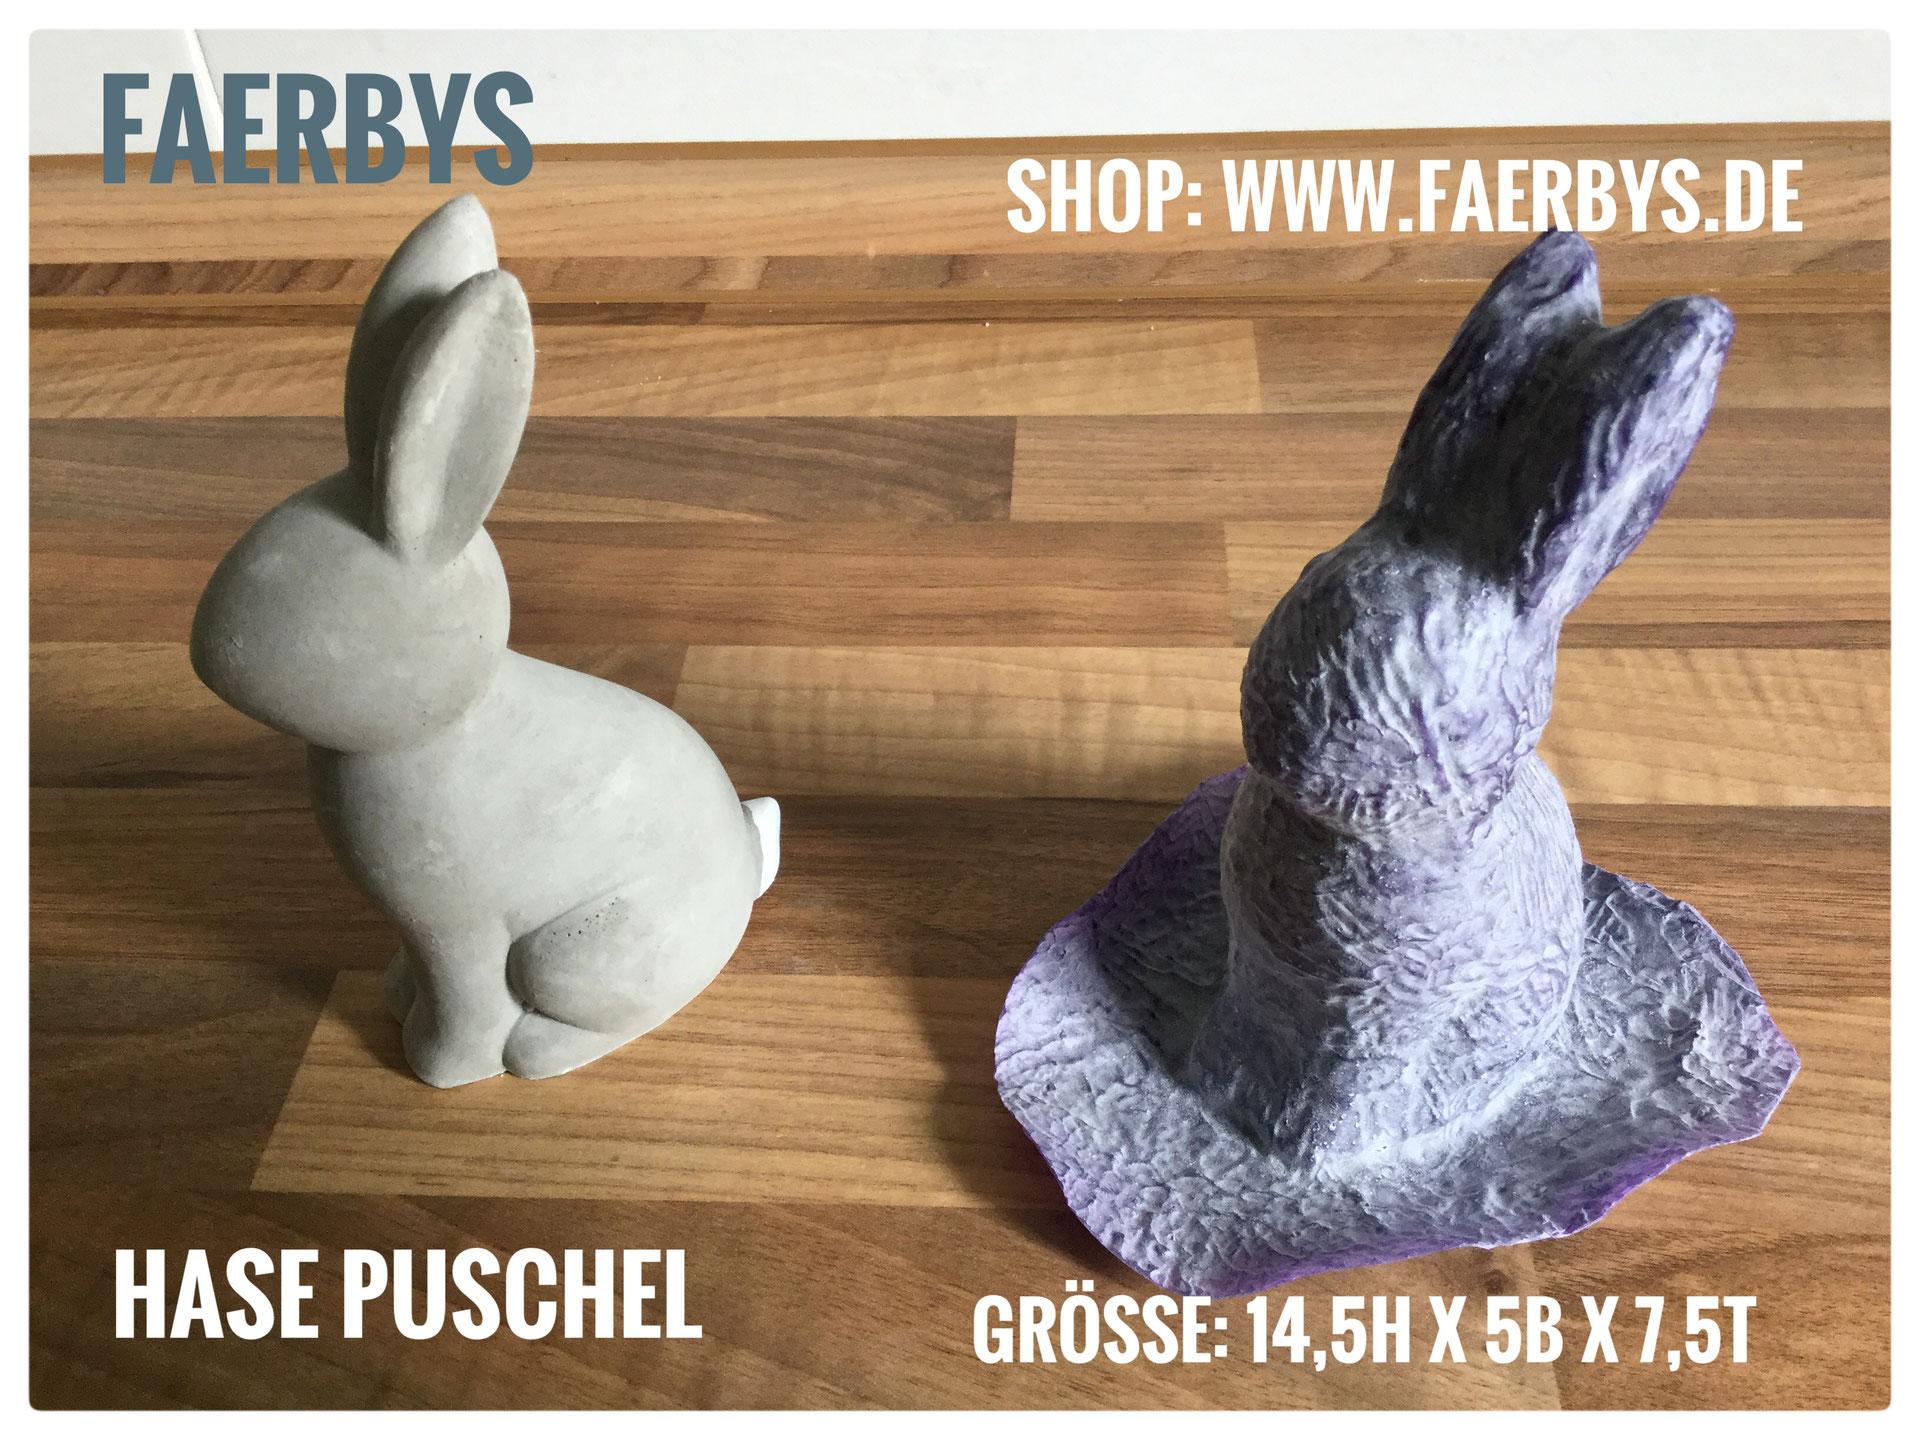 Gut bekannt Faerbys Gussformen für Beton & Gips - faerbys Webseite! WM28